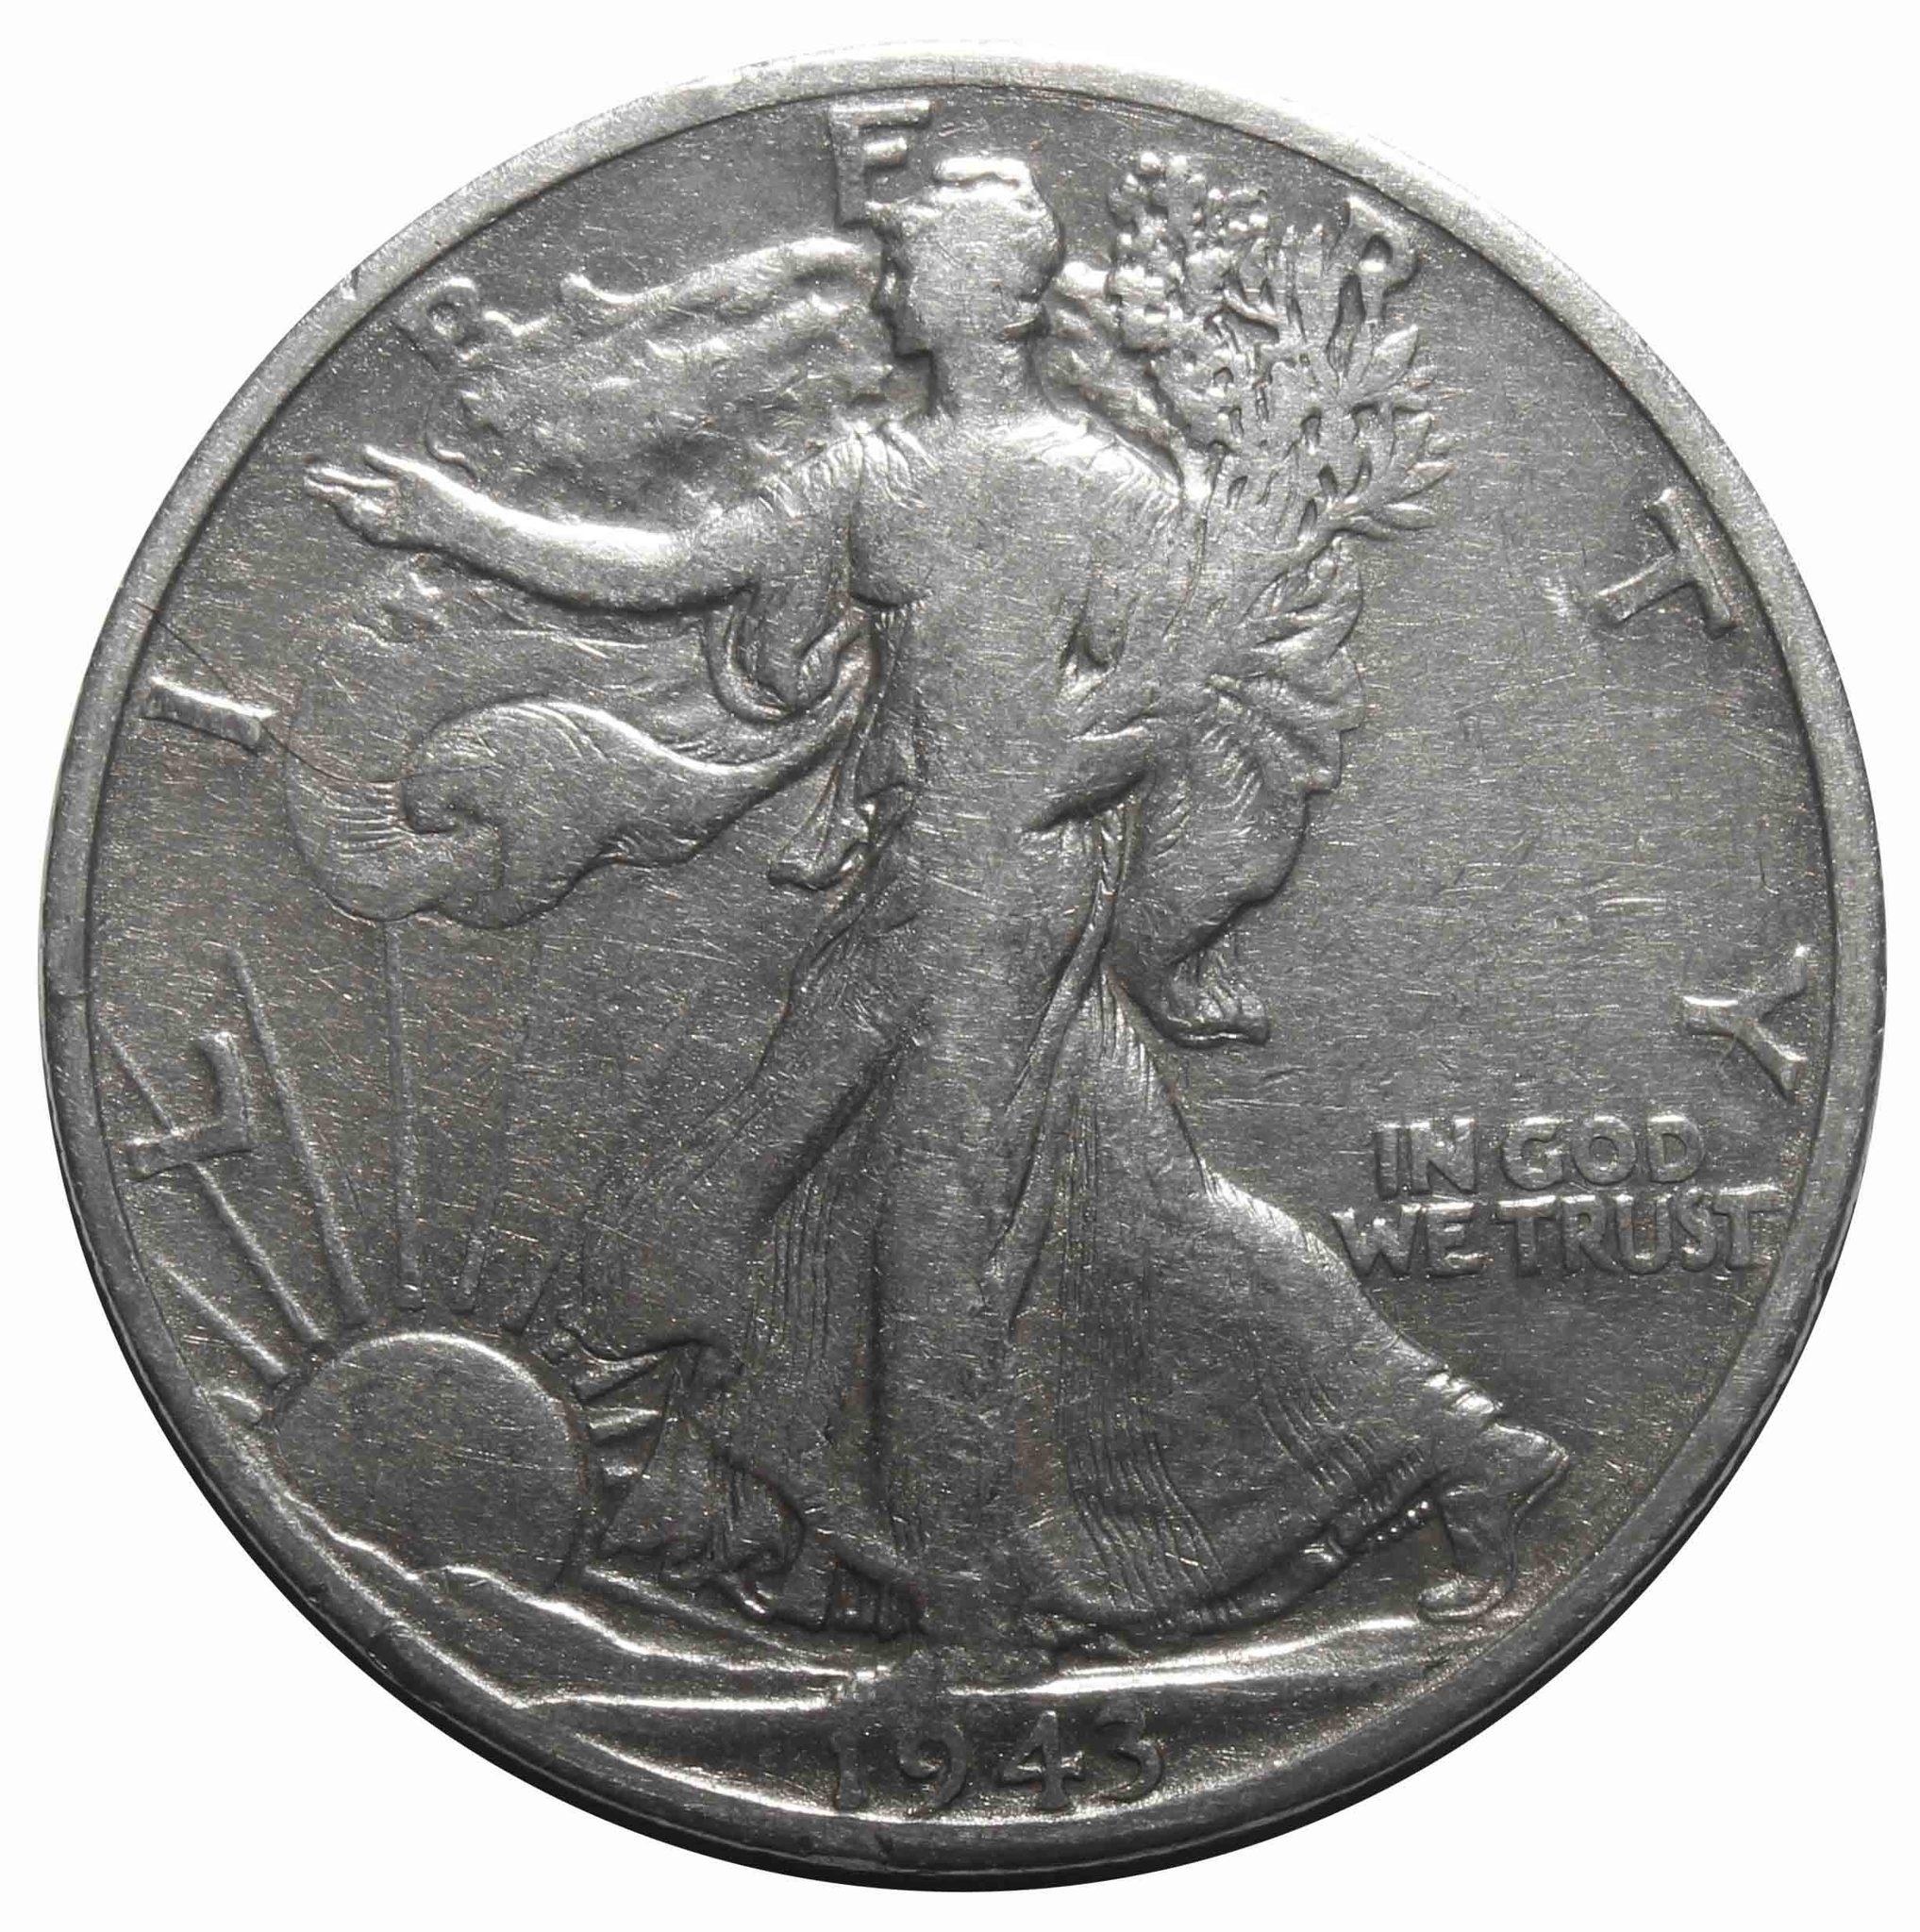 1/2 доллара. Шагающая Cвобода. (D) США. 1943 год. F-VF